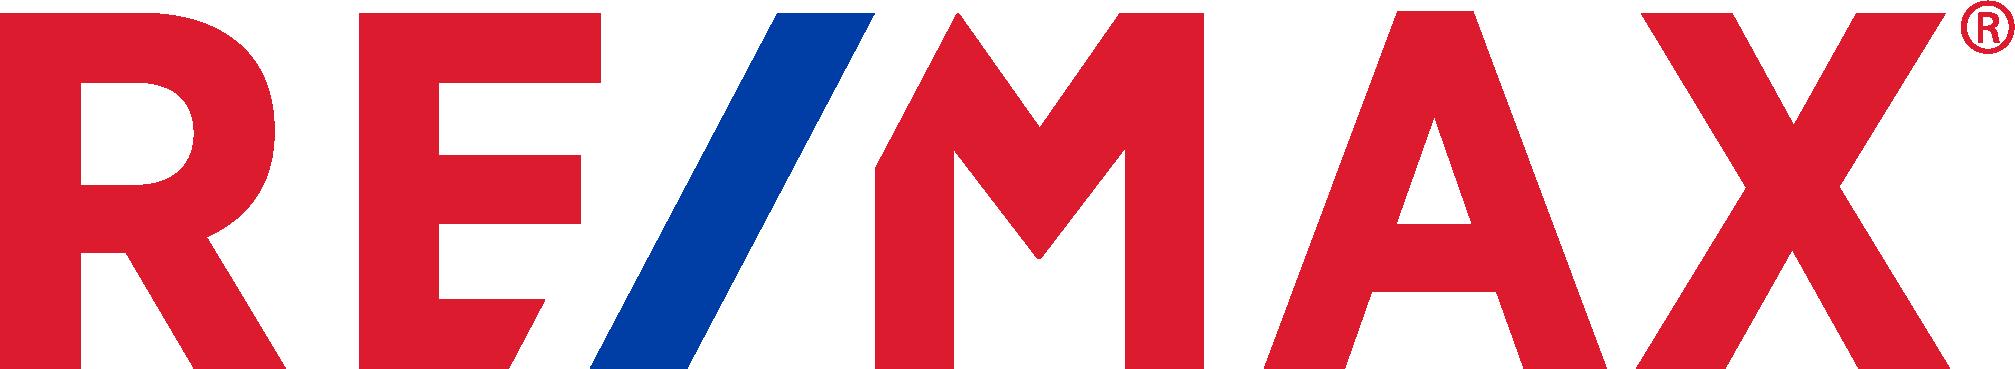 RE/MAX Finland logo